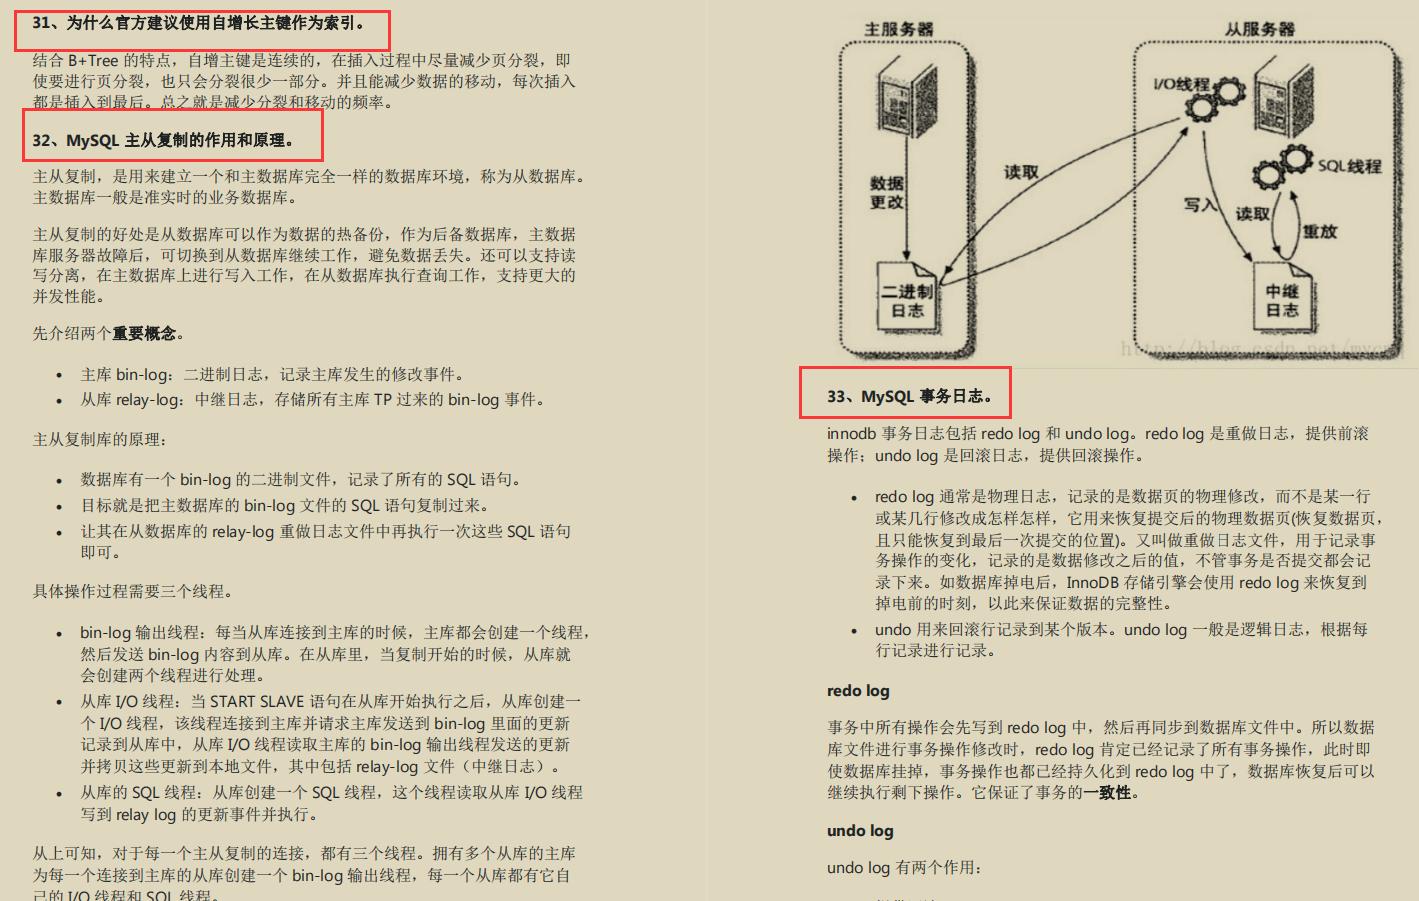 Alibaba【Java崗】P5-P8級別「有史以來」最新最全面試真題:JVM+資料庫+spring+資料結構+多執行緒+網路 - tw511教學網